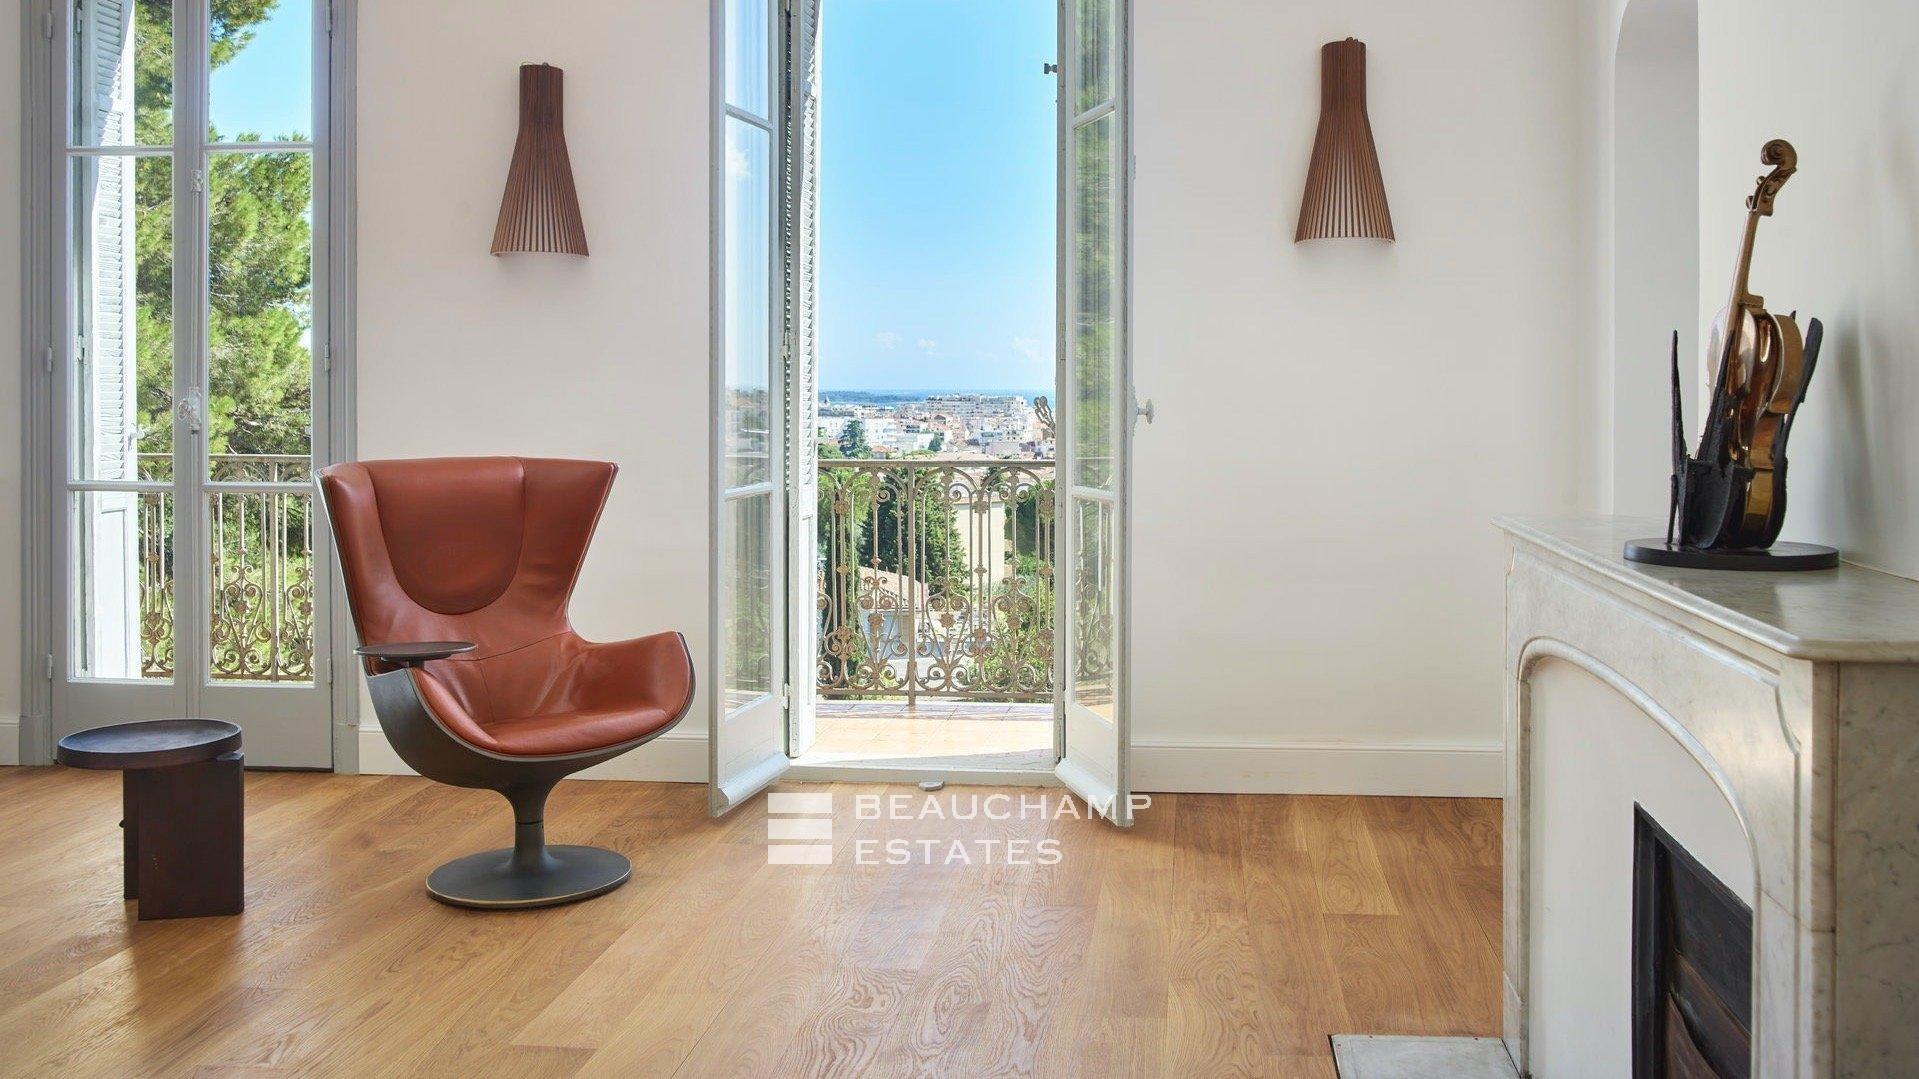 Exclusivité - Cannes Oxford - Superbe Appartement 6 pièces Bourgeois